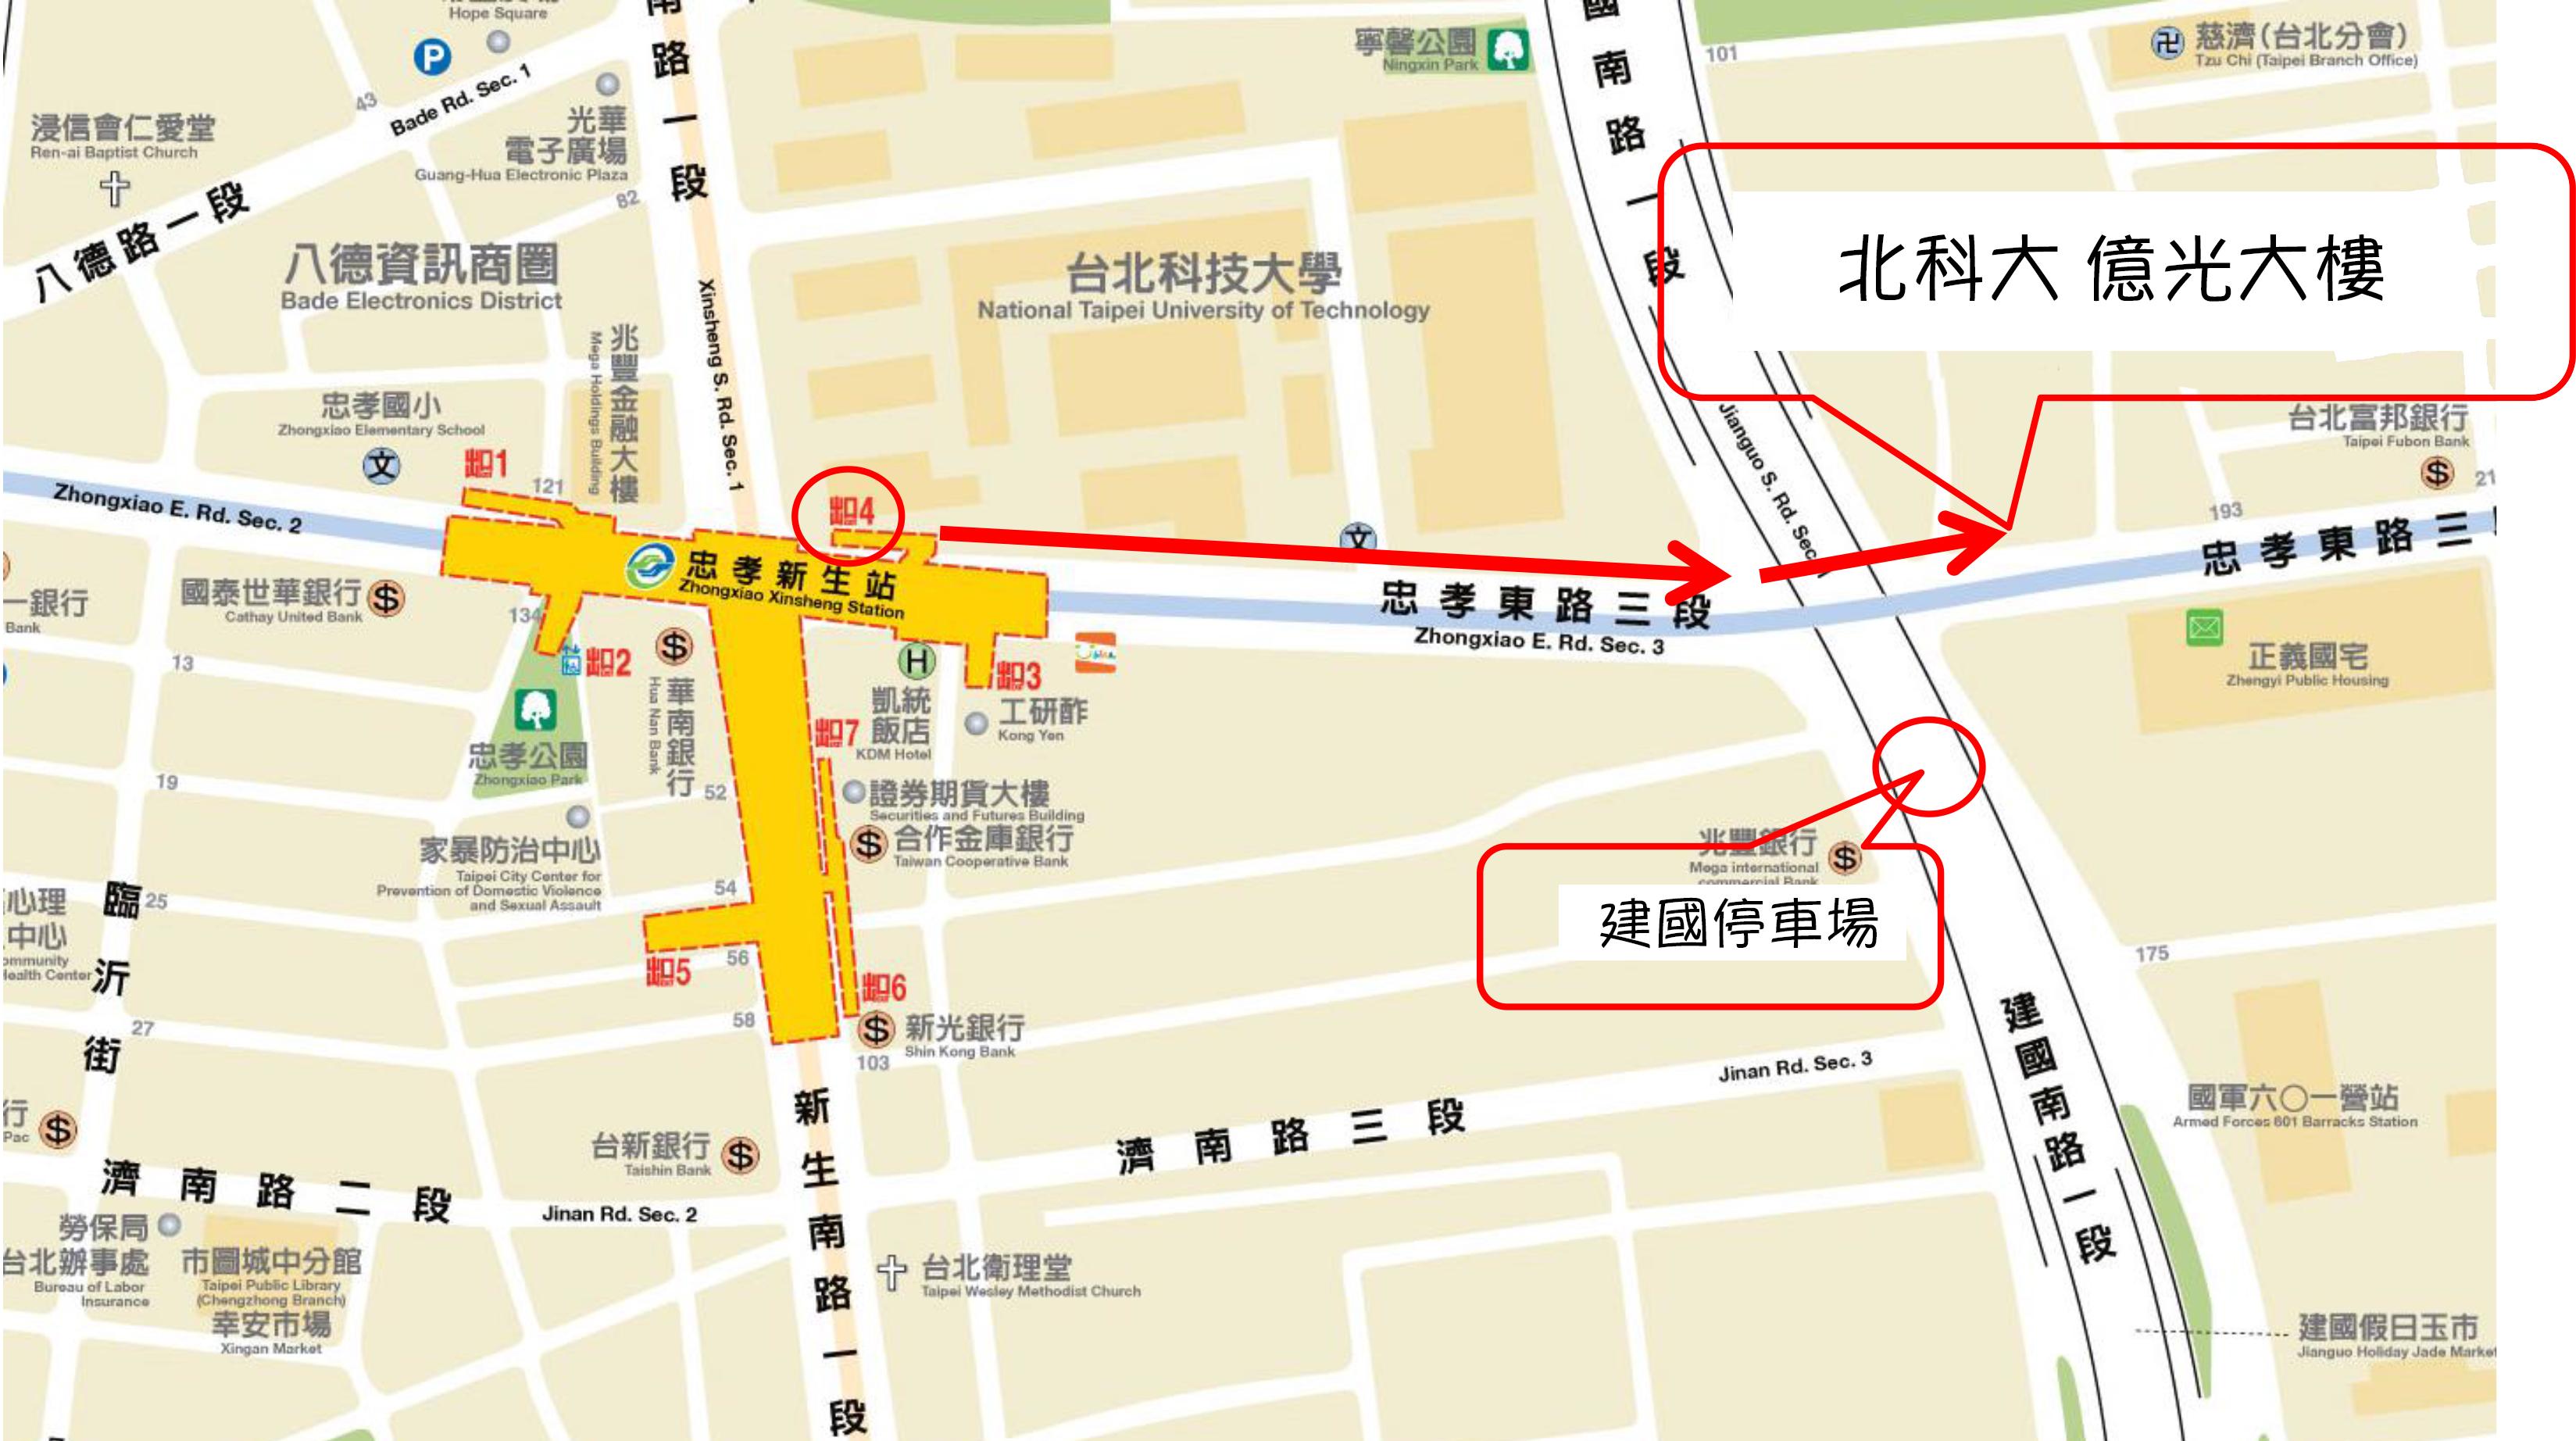 北科億光大樓路線圖_map